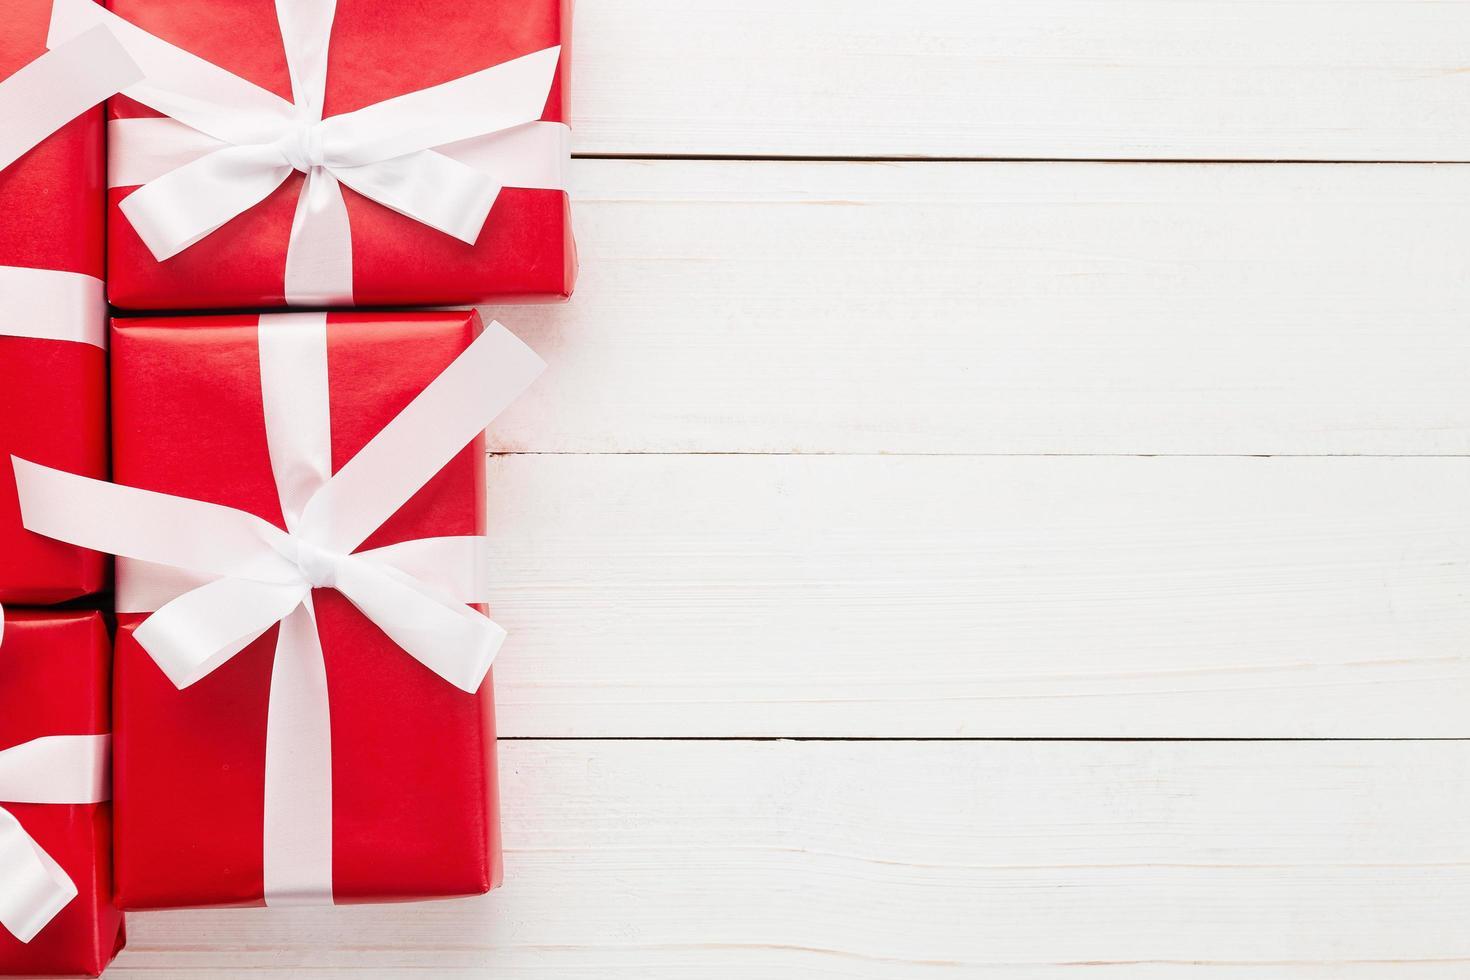 Navidad y año nuevo con decoración de cajas de regalo rojas sobre fondo de mesa de madera blanca vista superior con espacio de copia foto